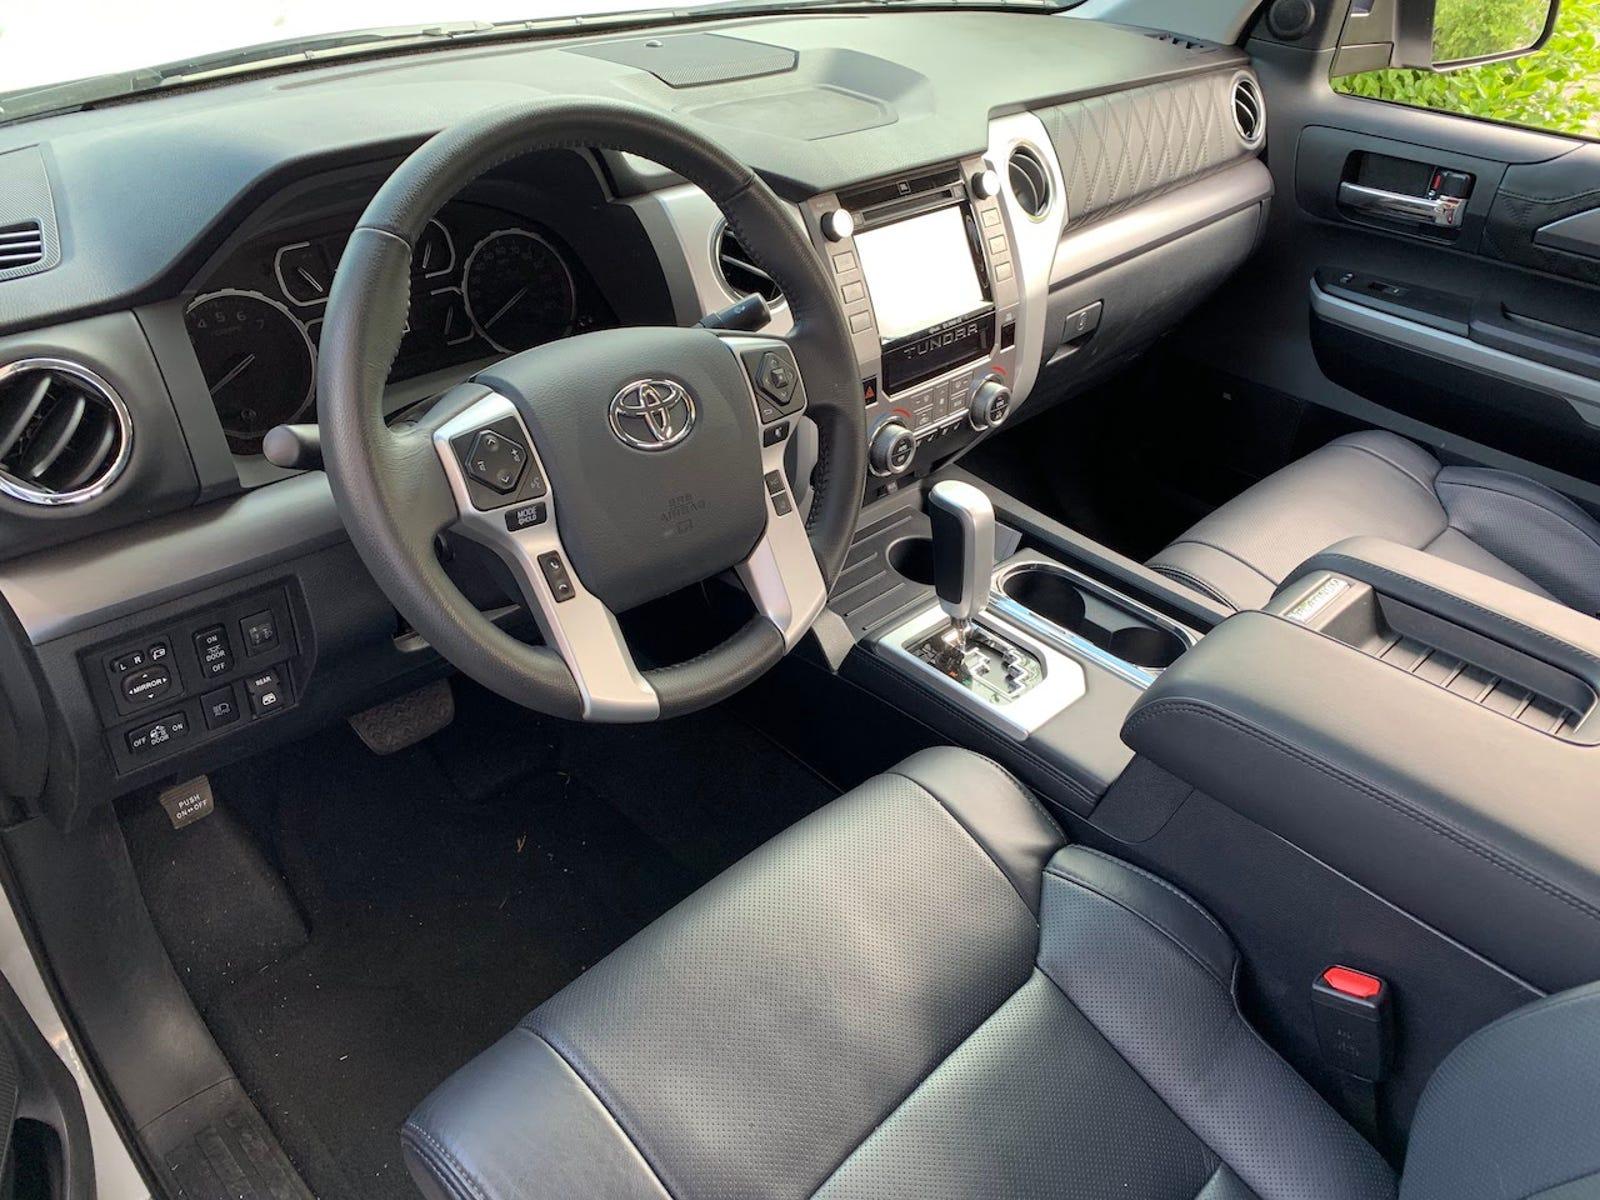 Platinum interior has unique leather